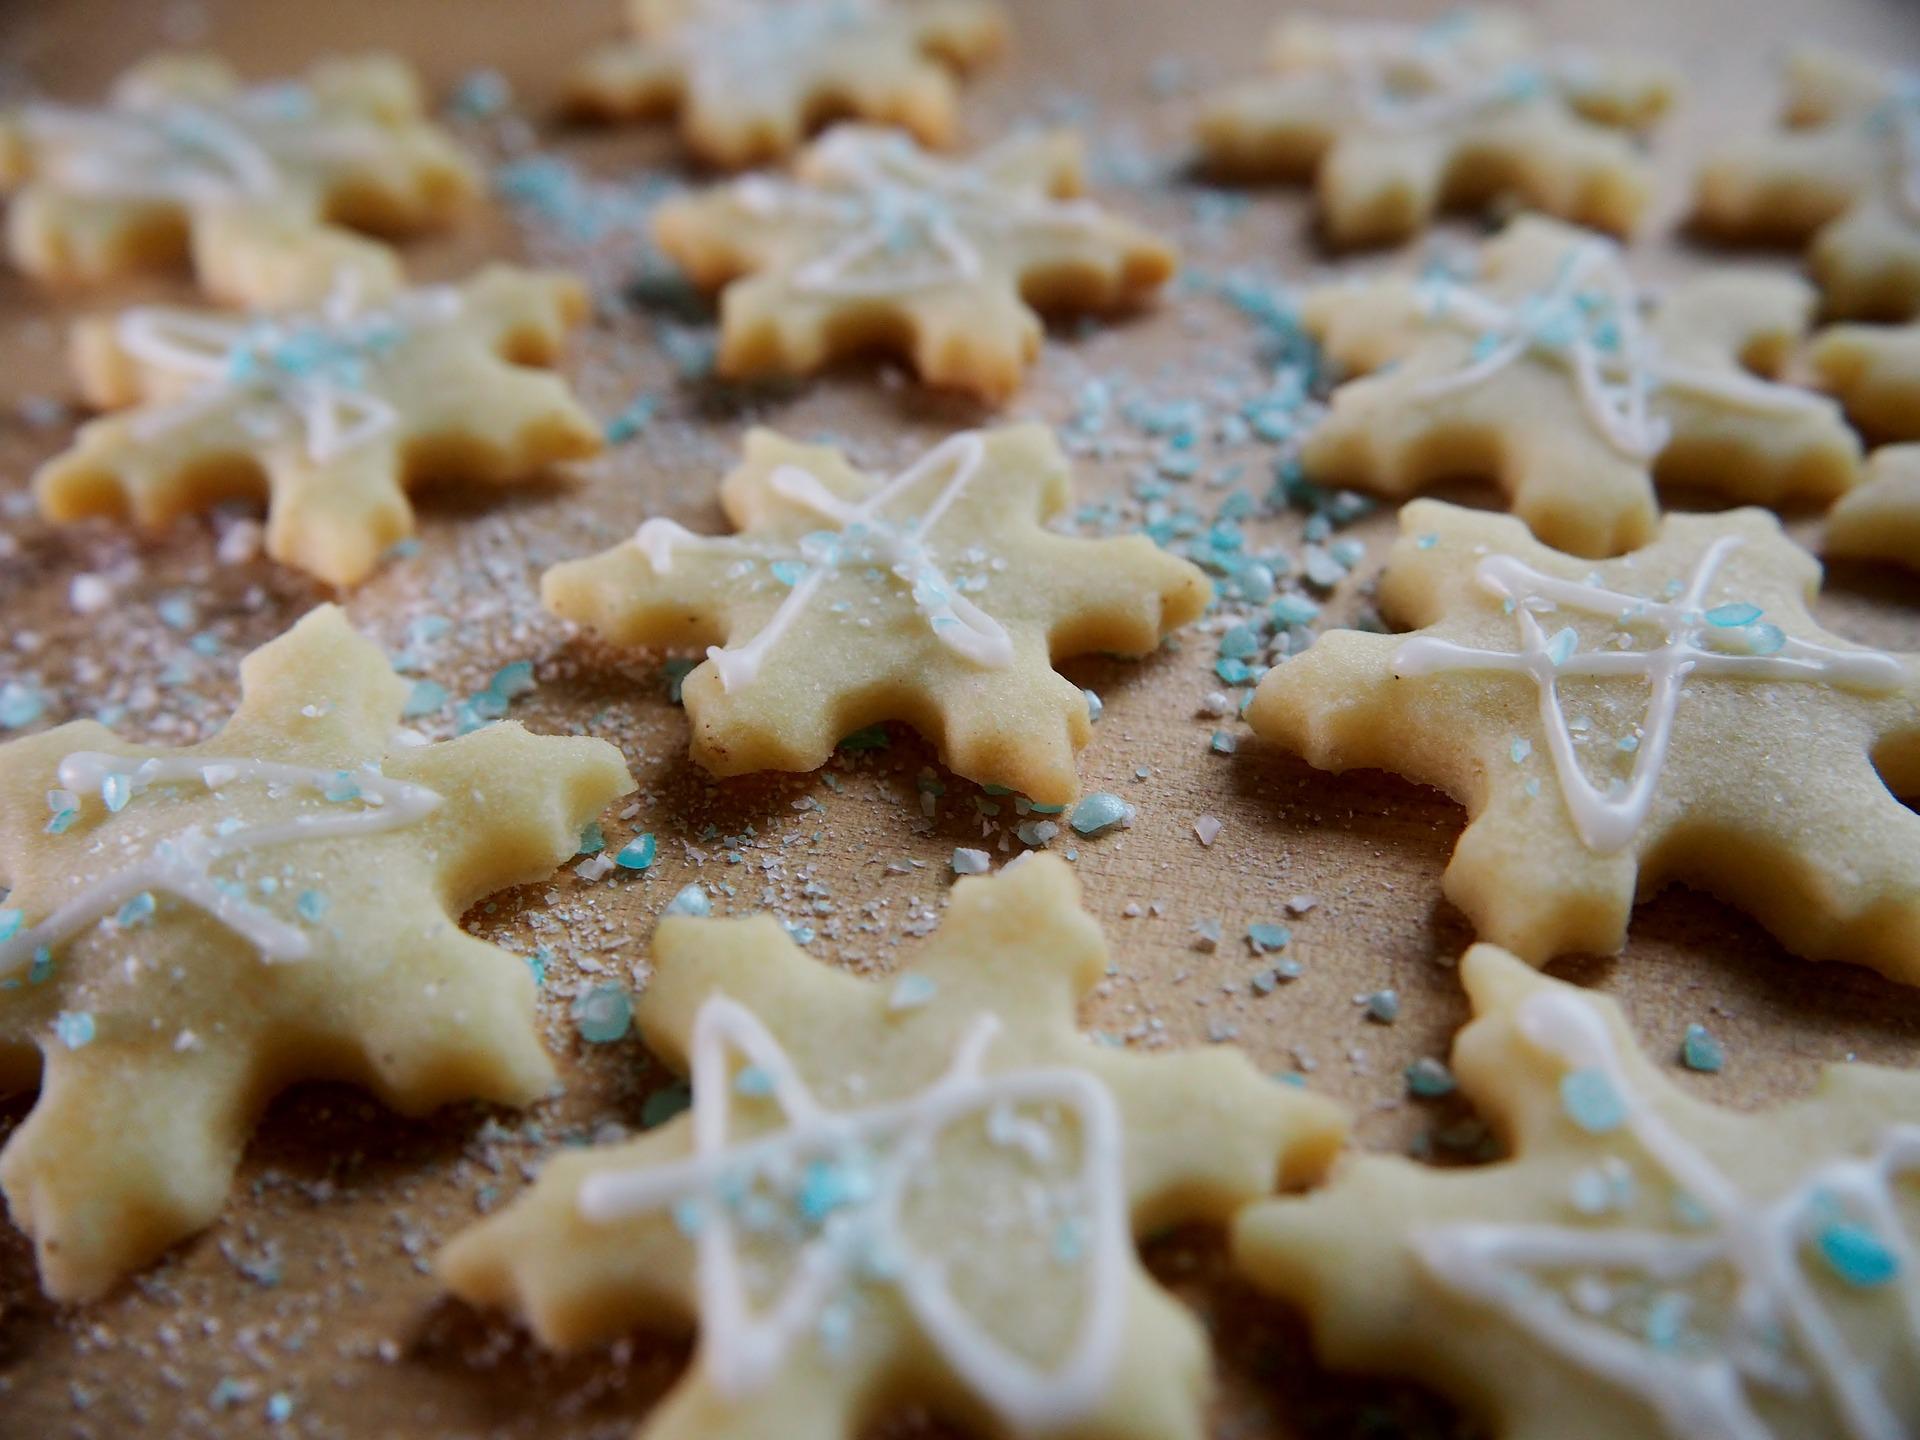 cookies-2926105_1920.jpg